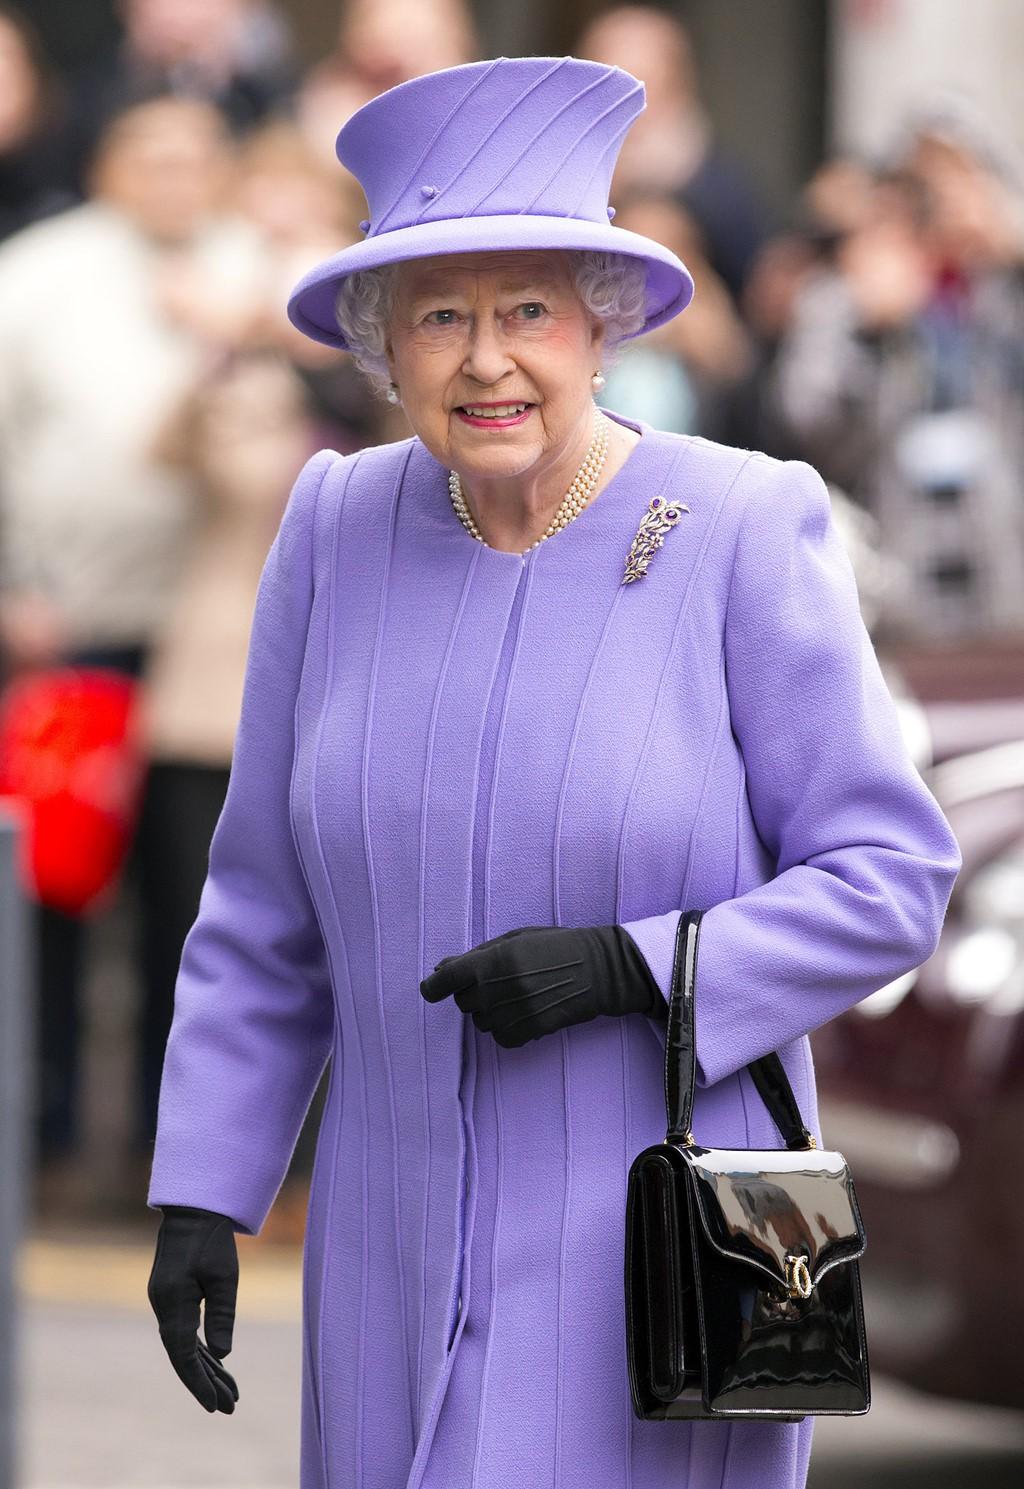 Mới làm dâu Hoàng gia chưa đầy 3 tháng, Meghan Markle đã cùng Nữ hoàng lọt top 30 nhân vật mặc đẹp nhất nước Anh  - Ảnh 3.